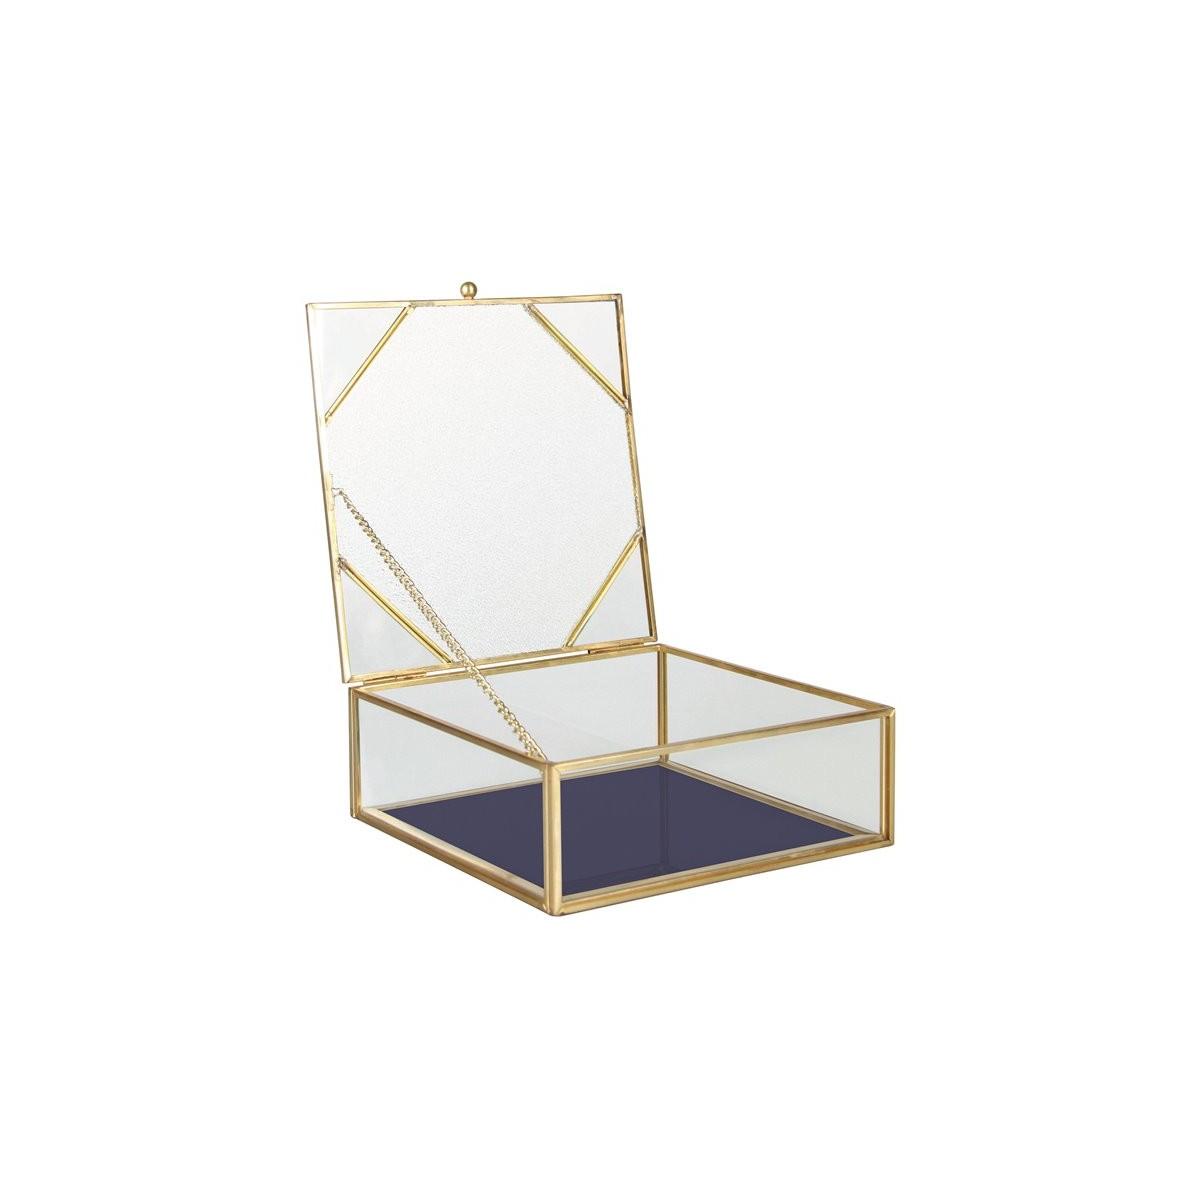 Klevering - Boîte à trésors en verre